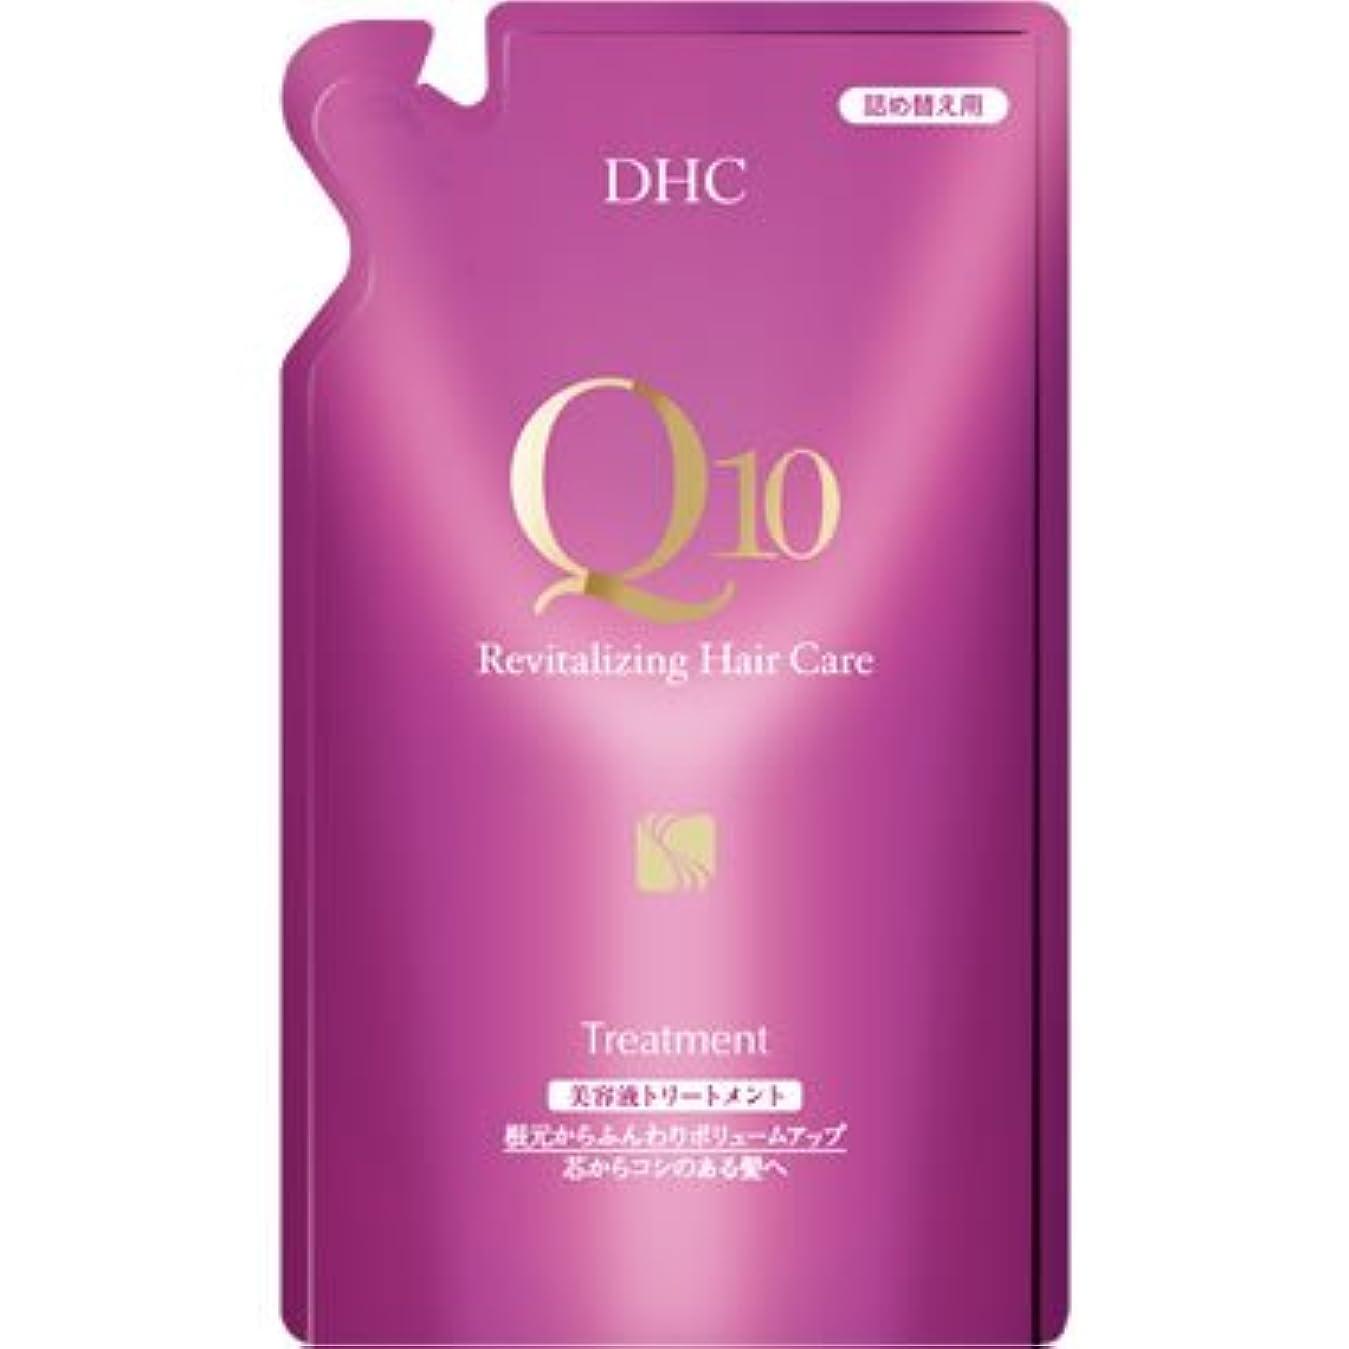 うぬぼれた先駆者畝間DHC Q10美容液 トリートメント 400ml(詰め替え用)